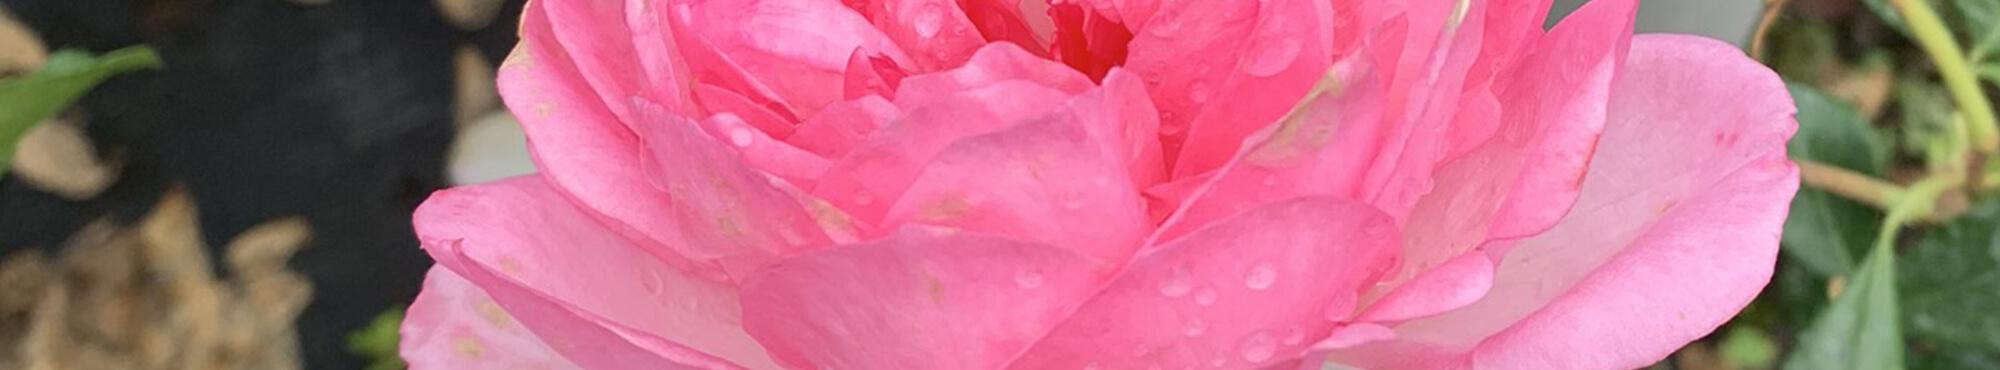 Rosiers pour vos bouquets